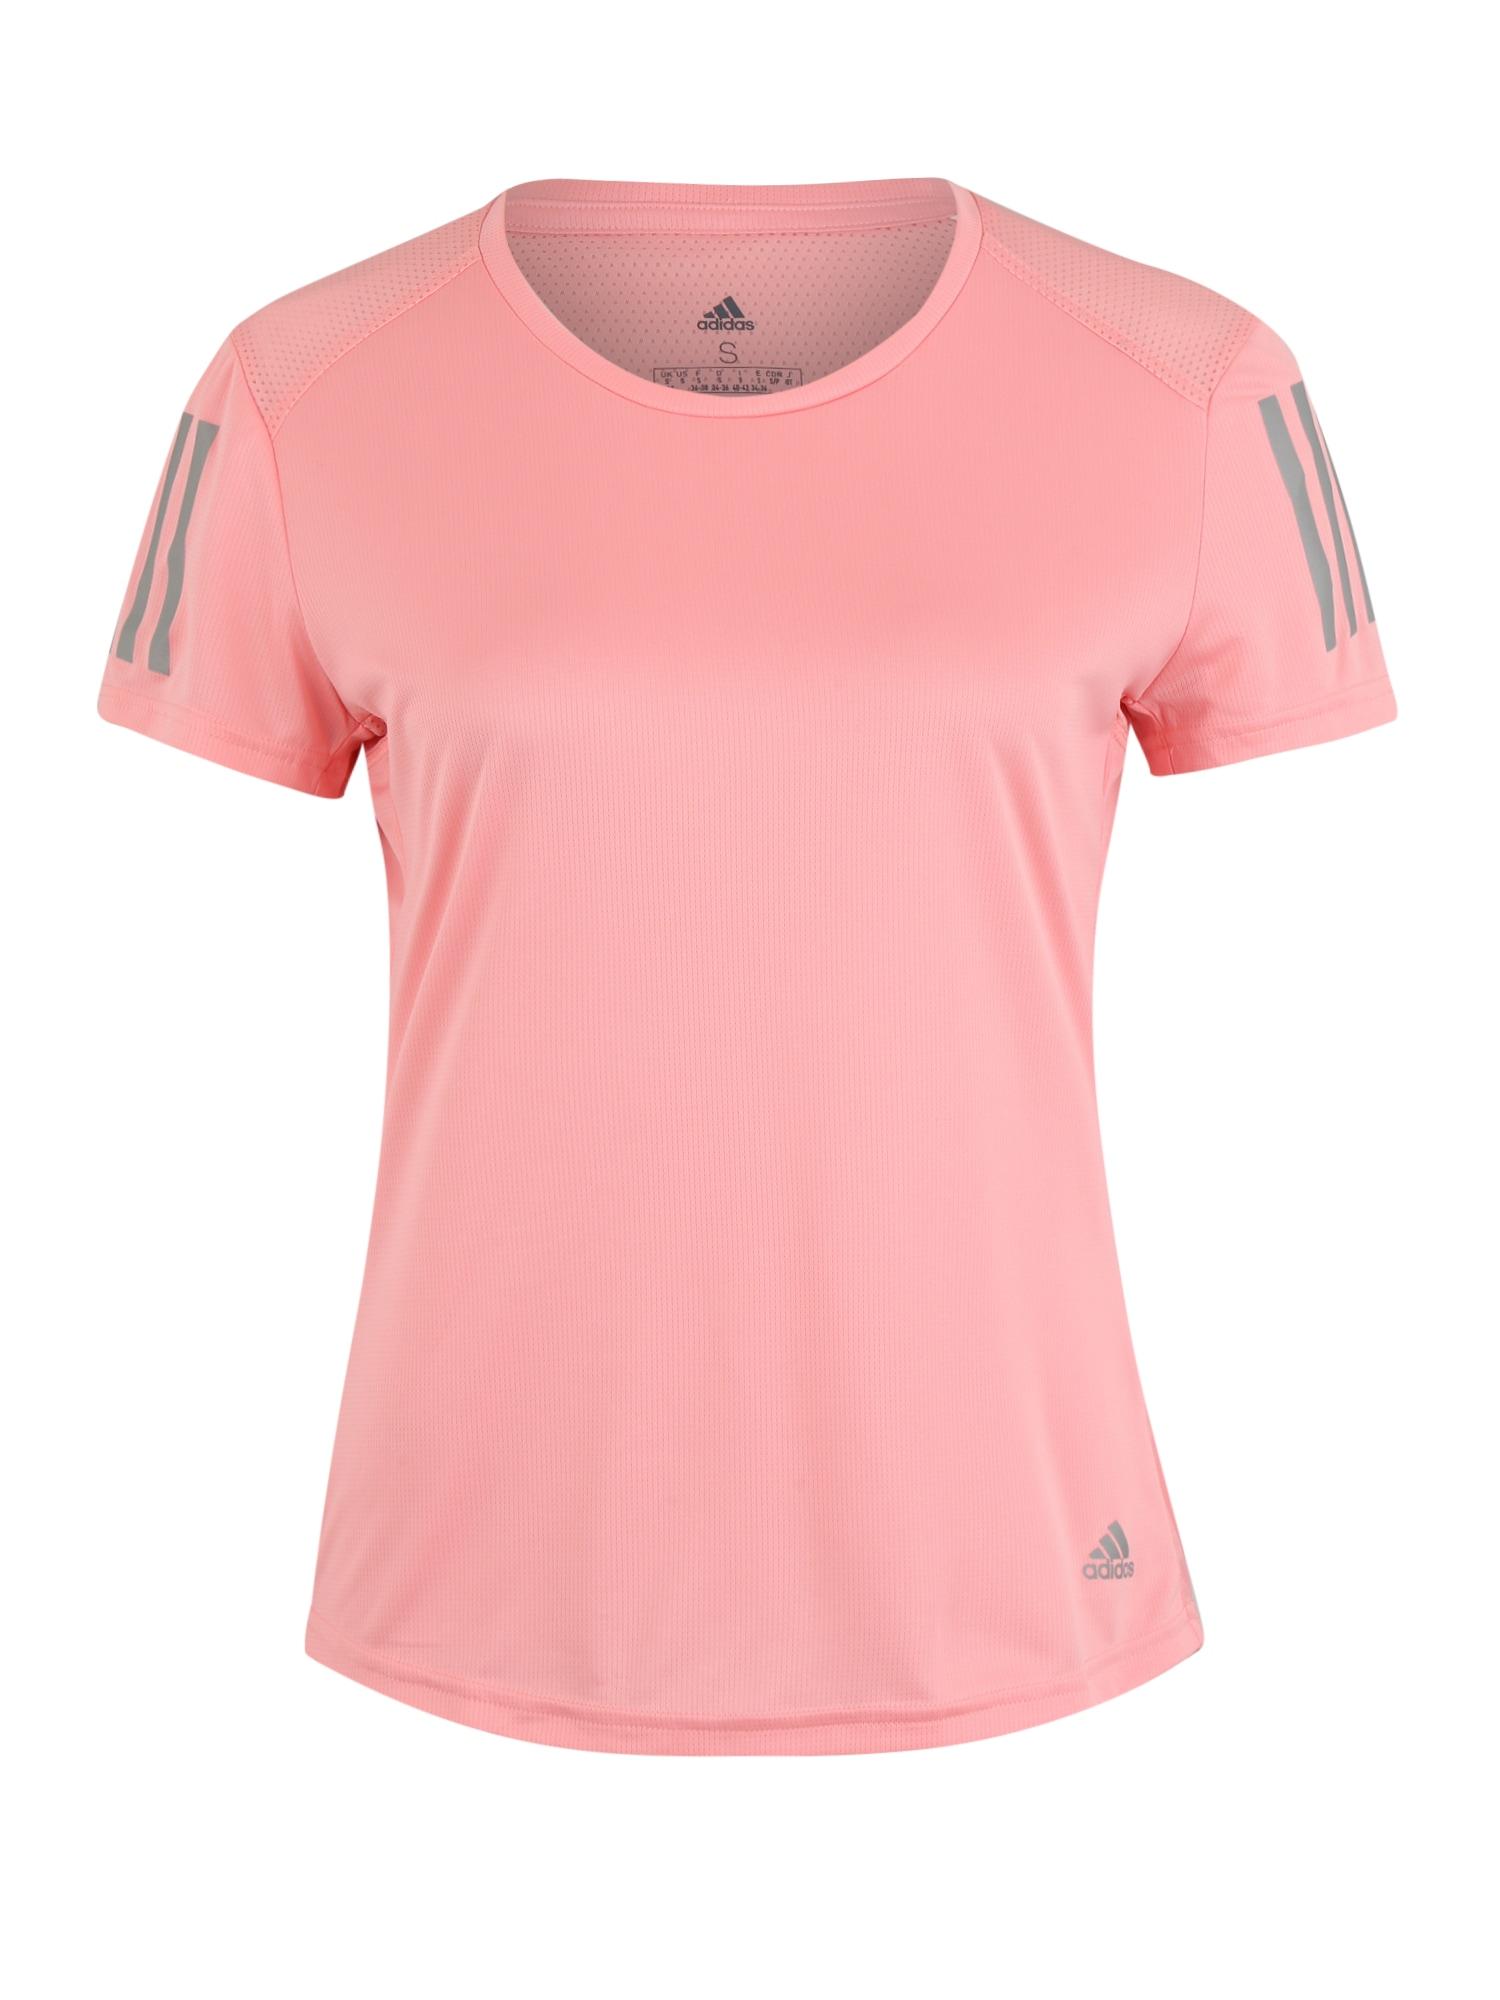 ADIDAS PERFORMANCE Sportiniai marškinėliai 'OWN THE RUN' rožių spalva